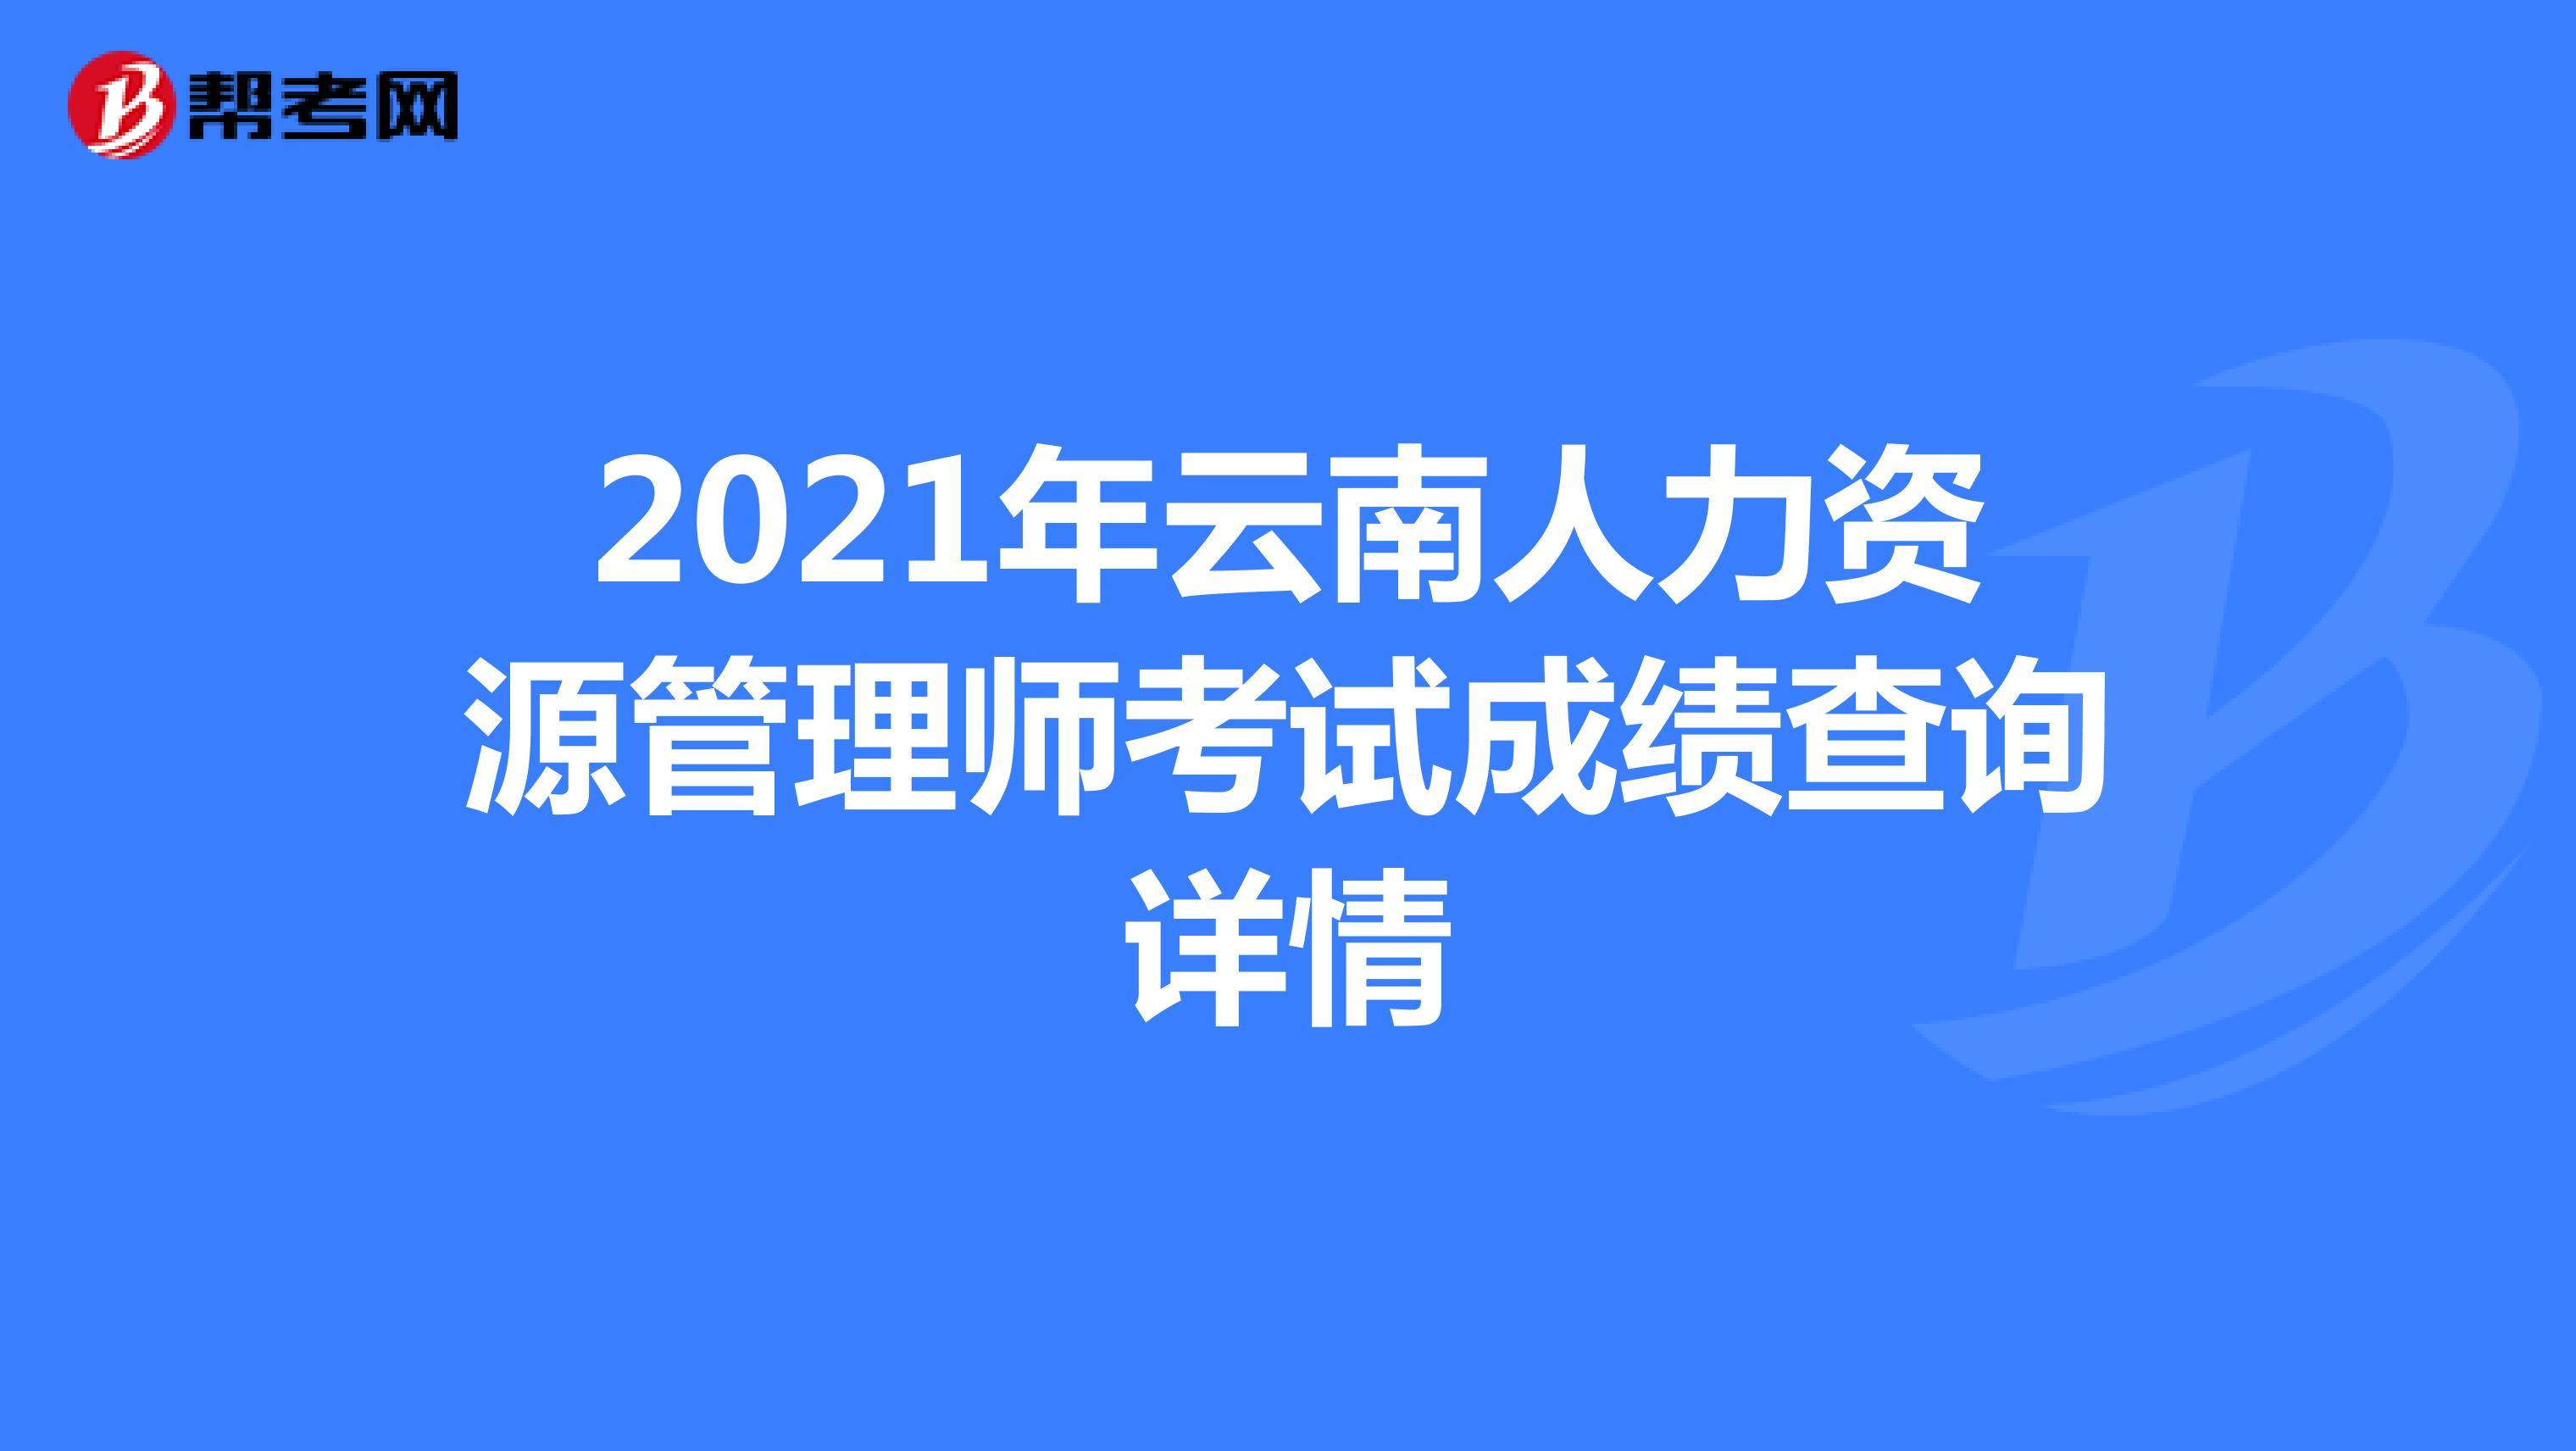 2021年云南人力资源管理师考试成绩查询详情